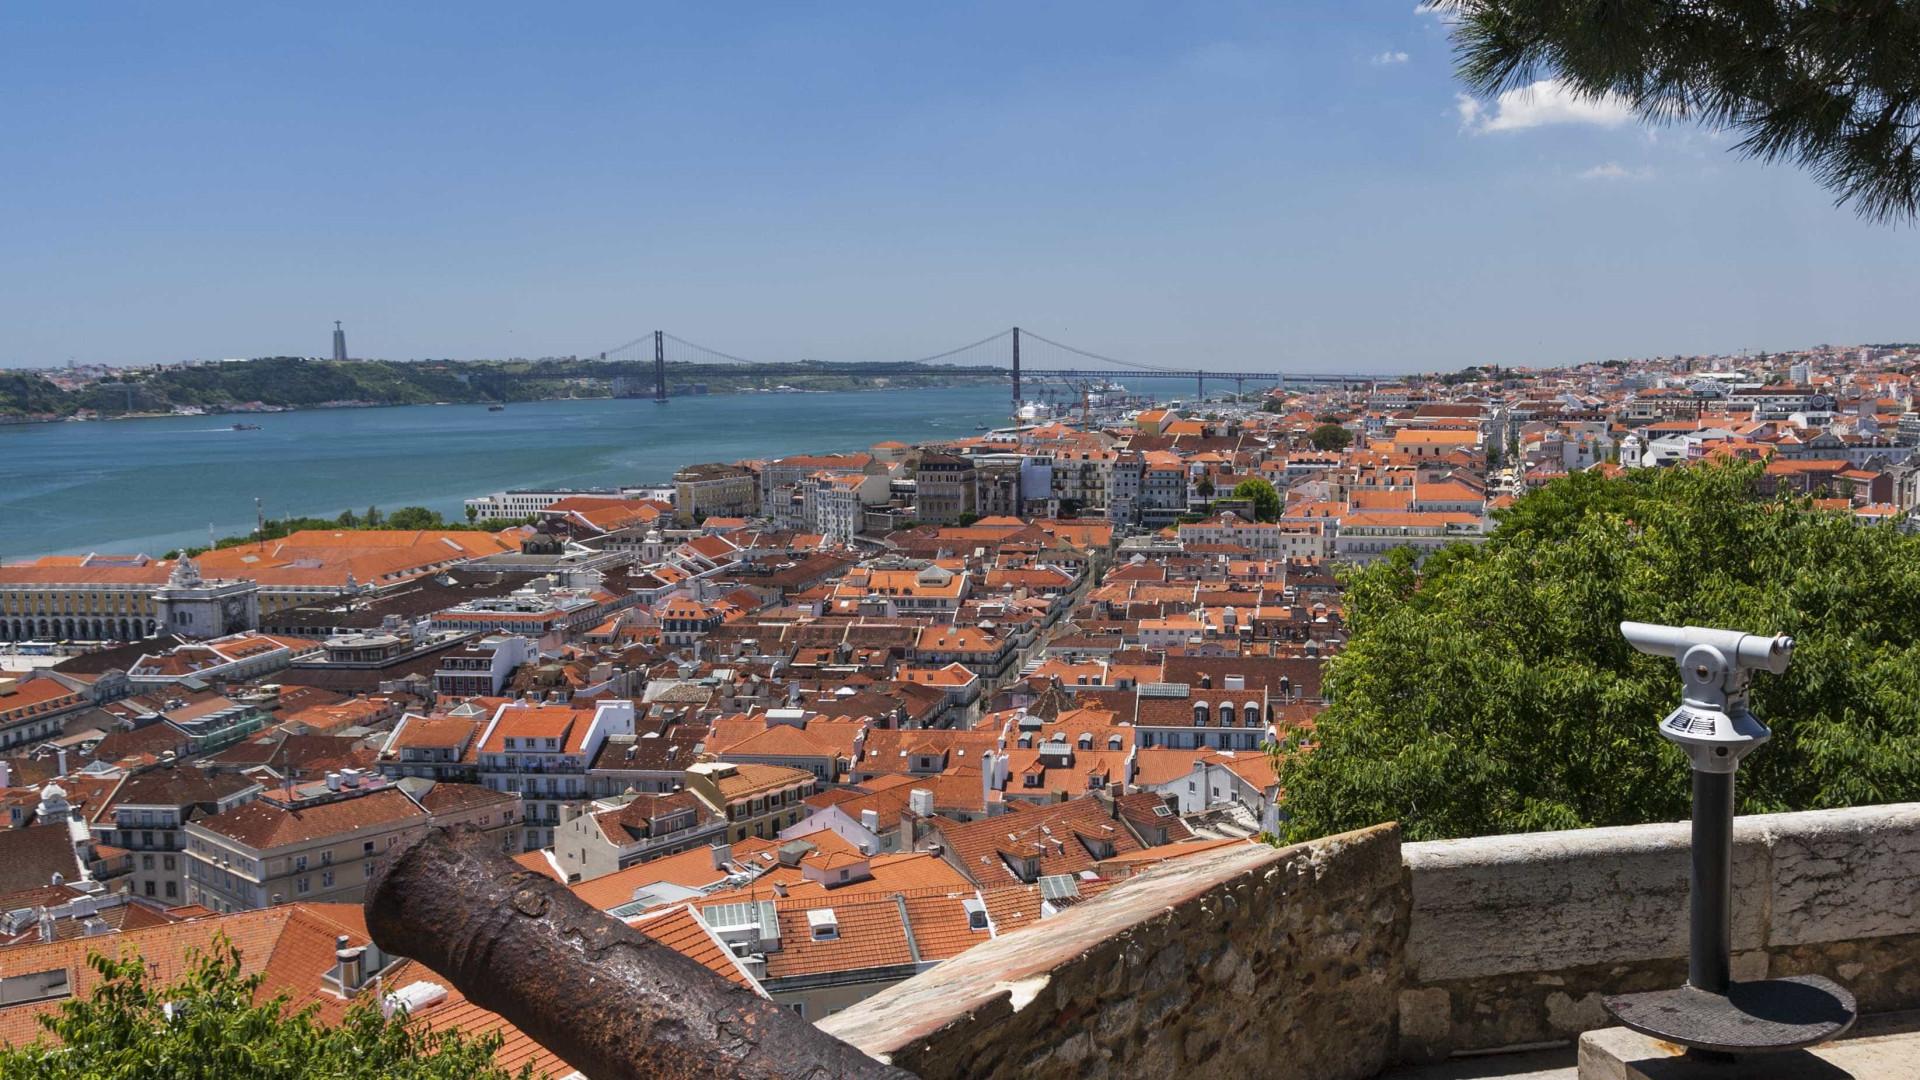 Vem aí um novo bairro em Lisboa. Pelo menos 70 milhões já investidos